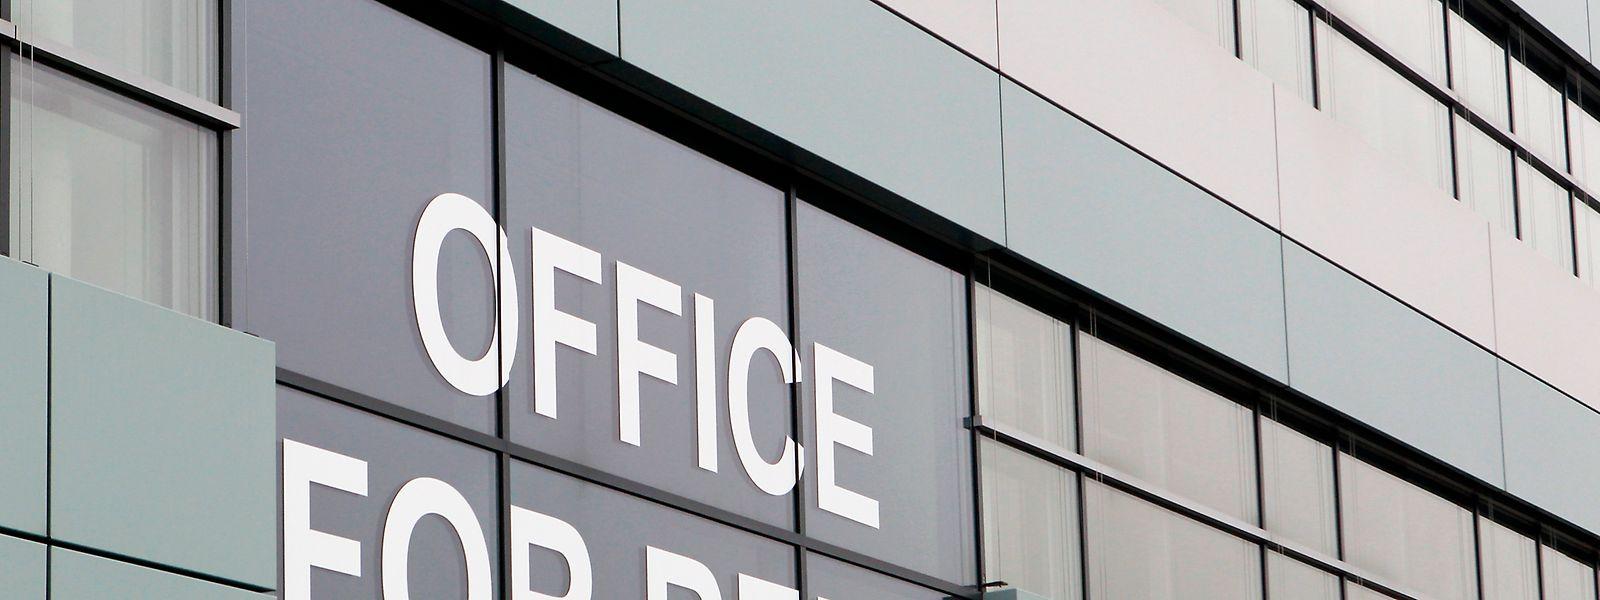 Wie der Bürobedarf nach der Krise aussieht, ist schwer abzuschätzen. Das zeigt sich am Markt.